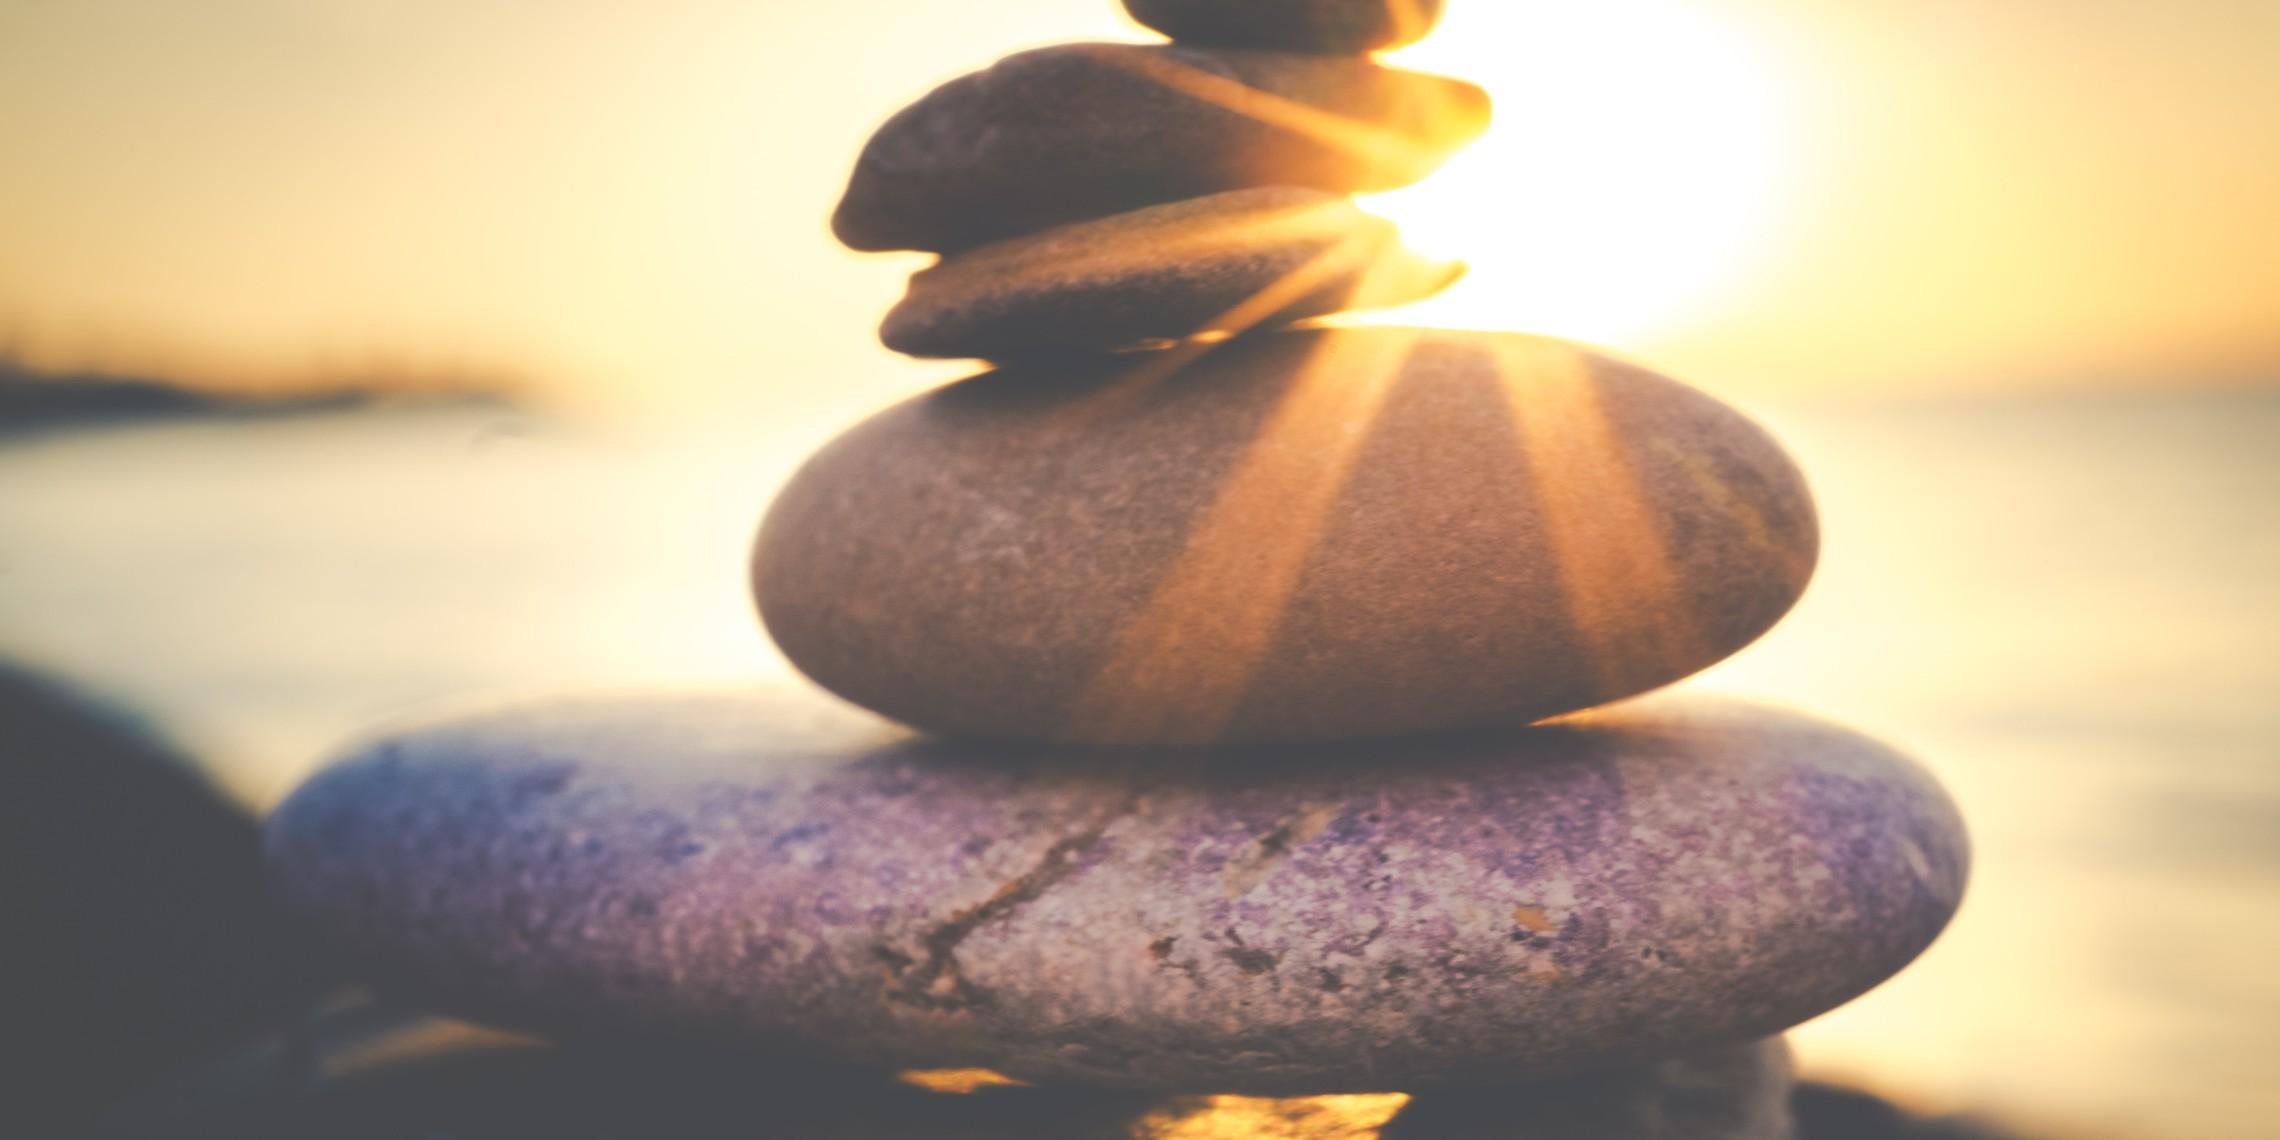 5 stones image